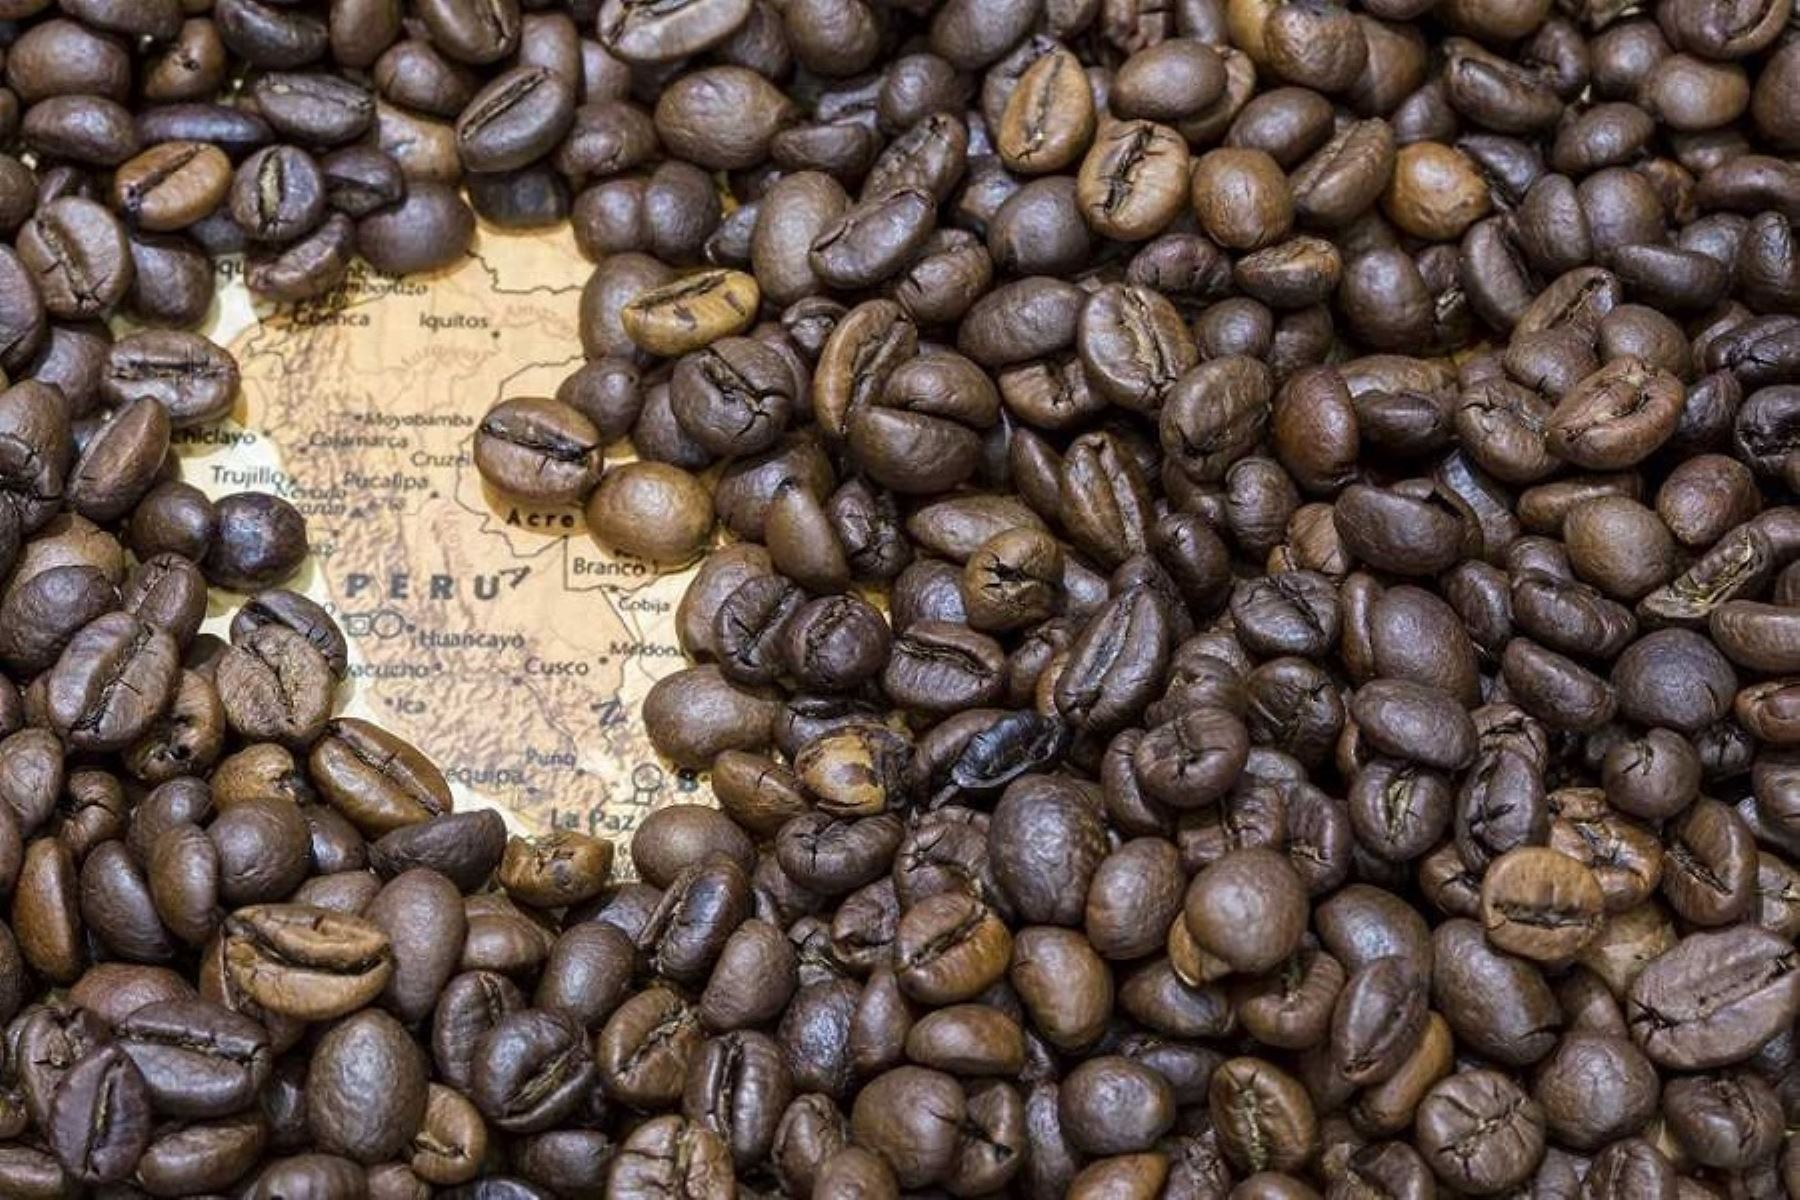 El Perú cuenta con dos denominaciones de origen, Café Villa Rica y Café Machu Picchu-Huadquiña, reconocidas por la Dirección de Signos Distintivos del Indecopi. ANDINA/Difusión